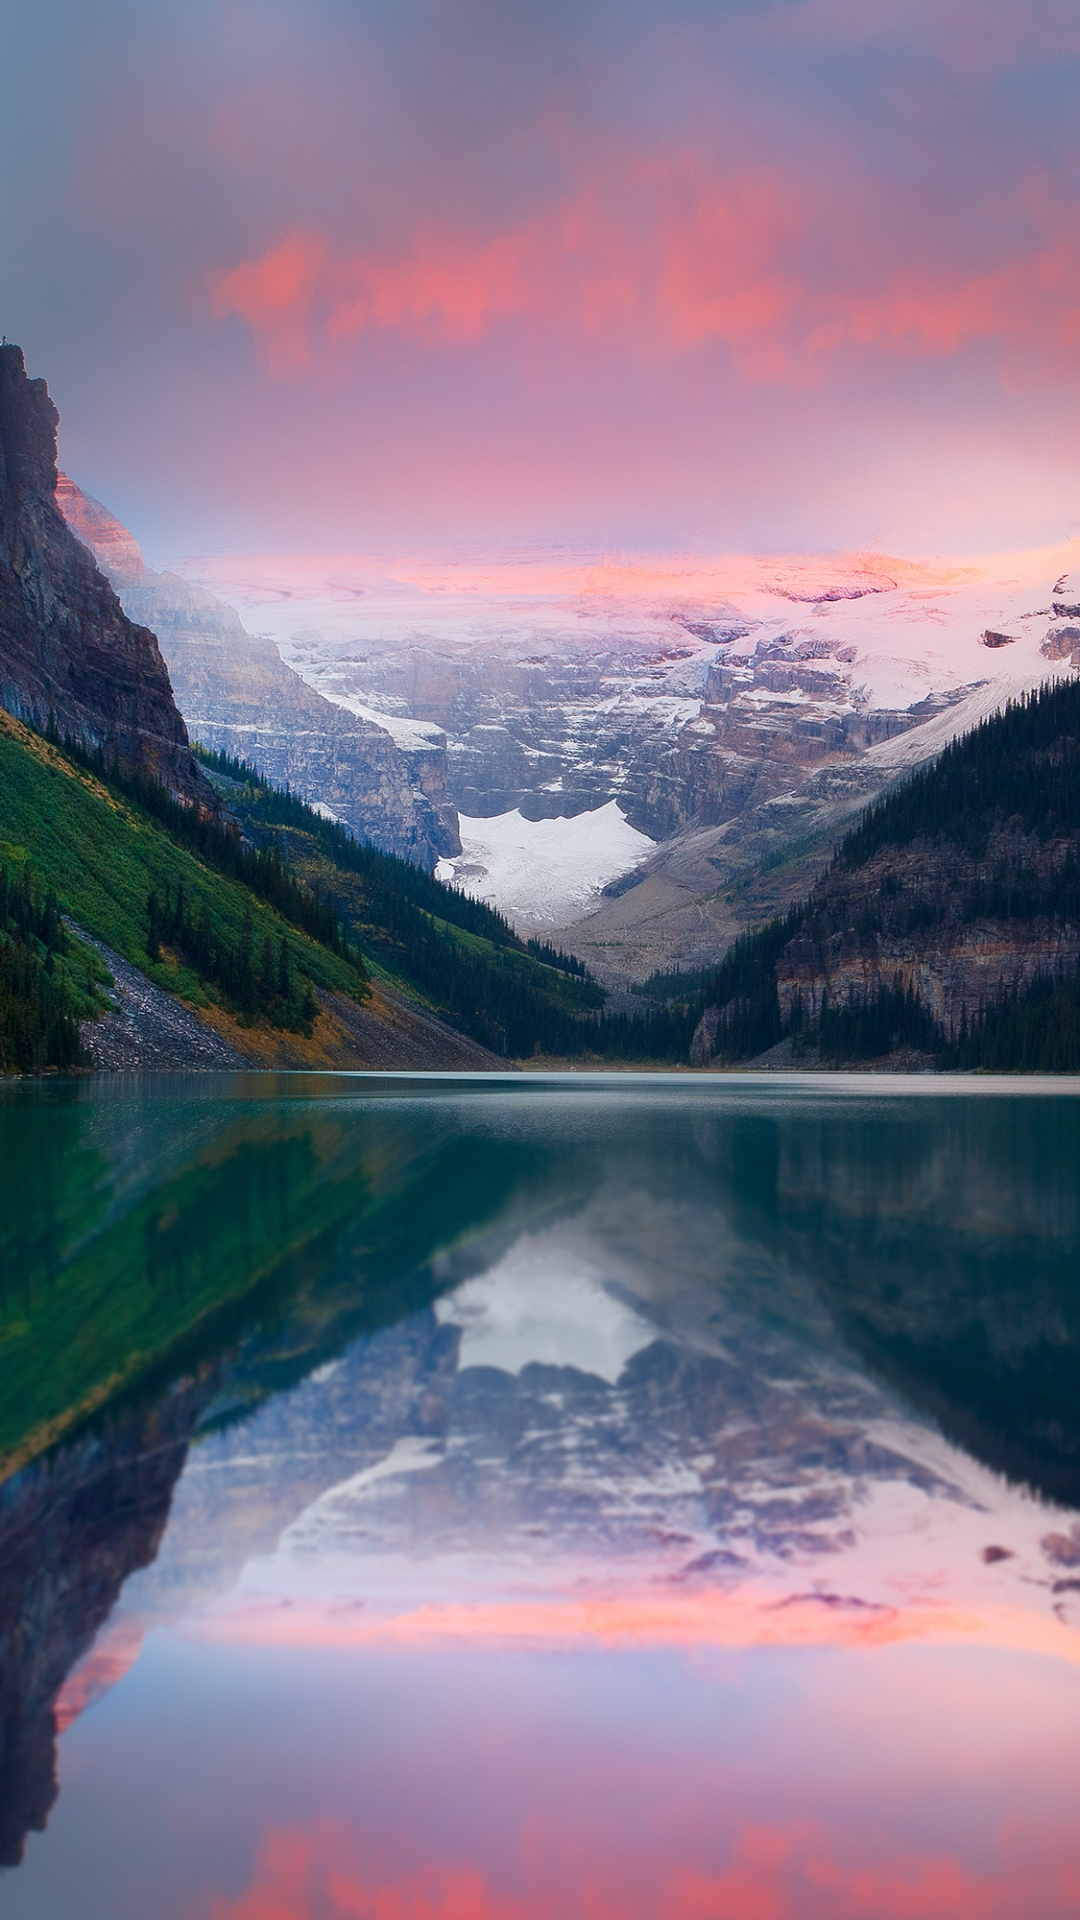 mountains sunset lake sky snow peaks 93192 1080x1920 3Wallpapers : notre sélection de fonds d'écran du 25/09/2017